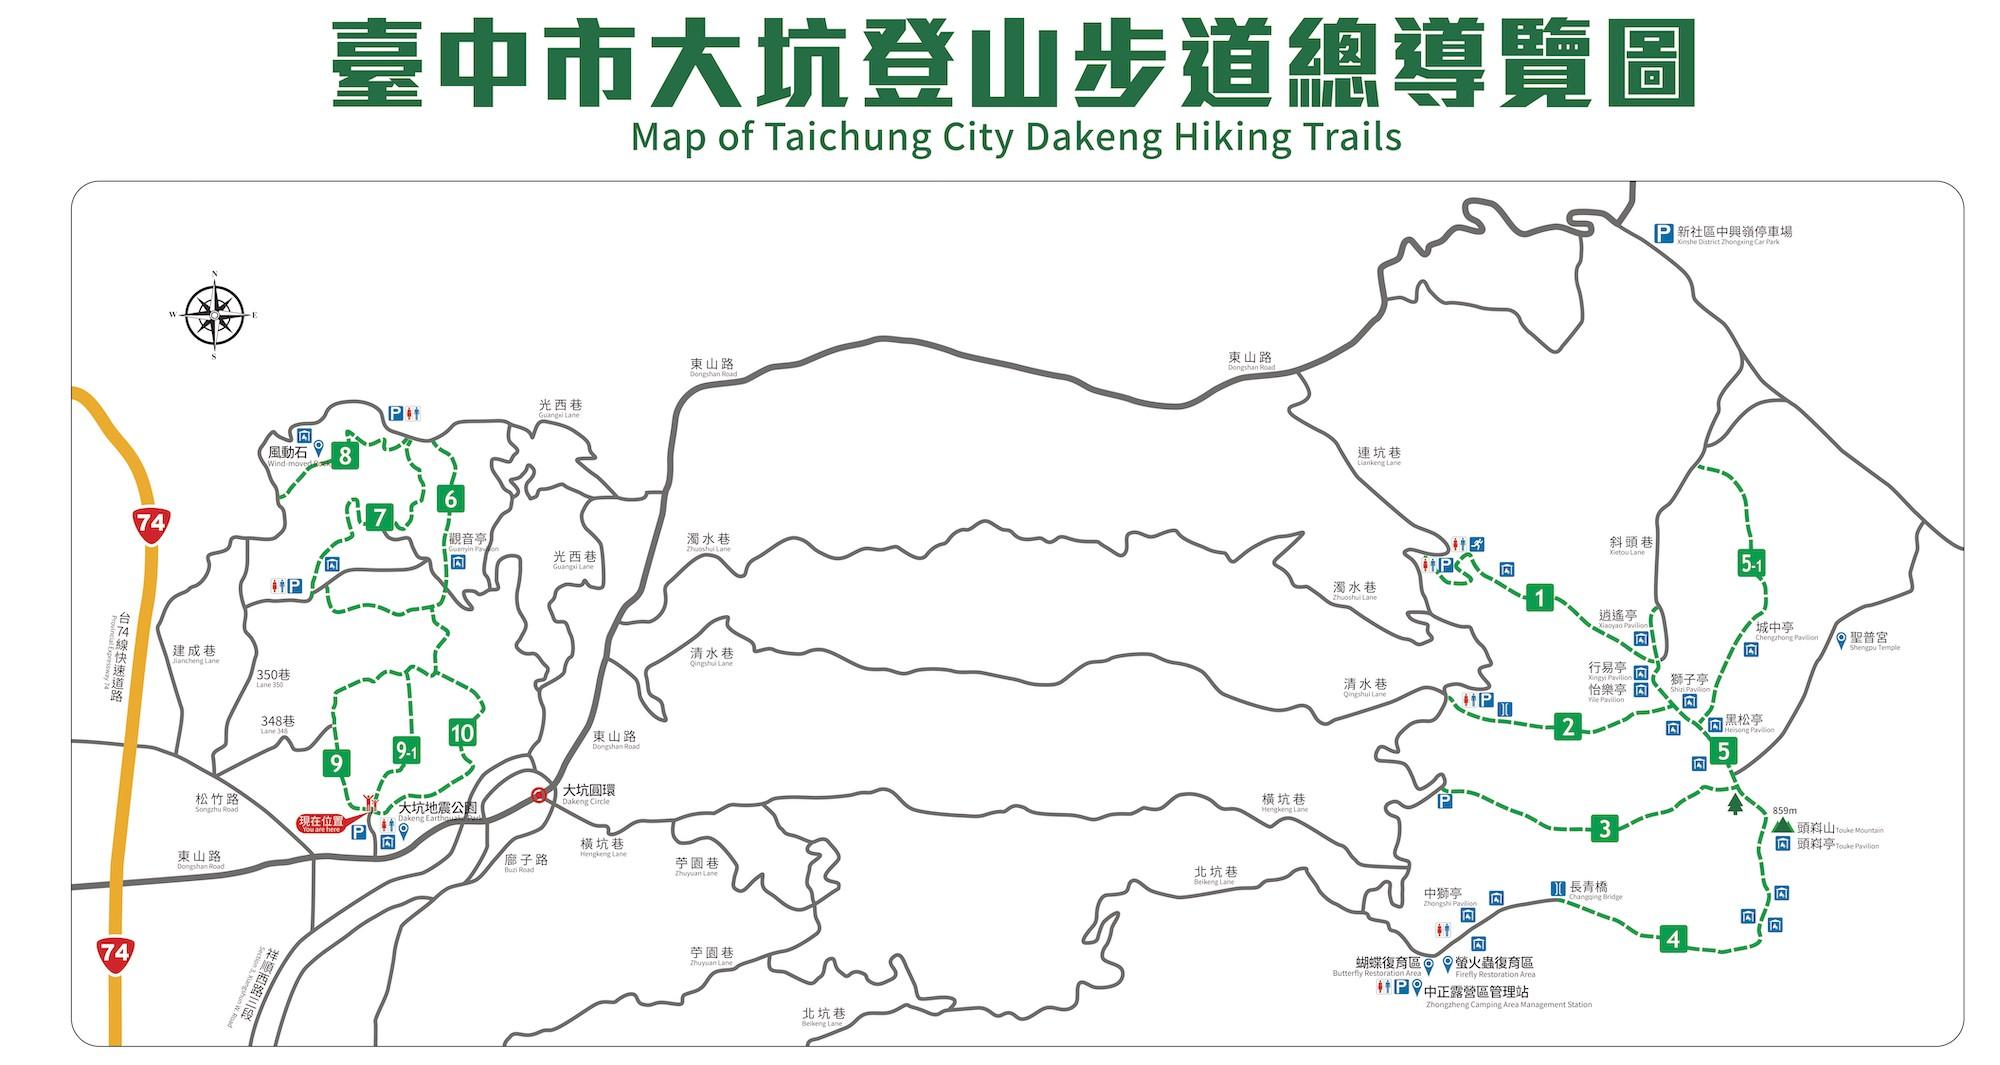 台中7條老少皆宜的森林登山步道!最新台中登山步道資訊搜羅